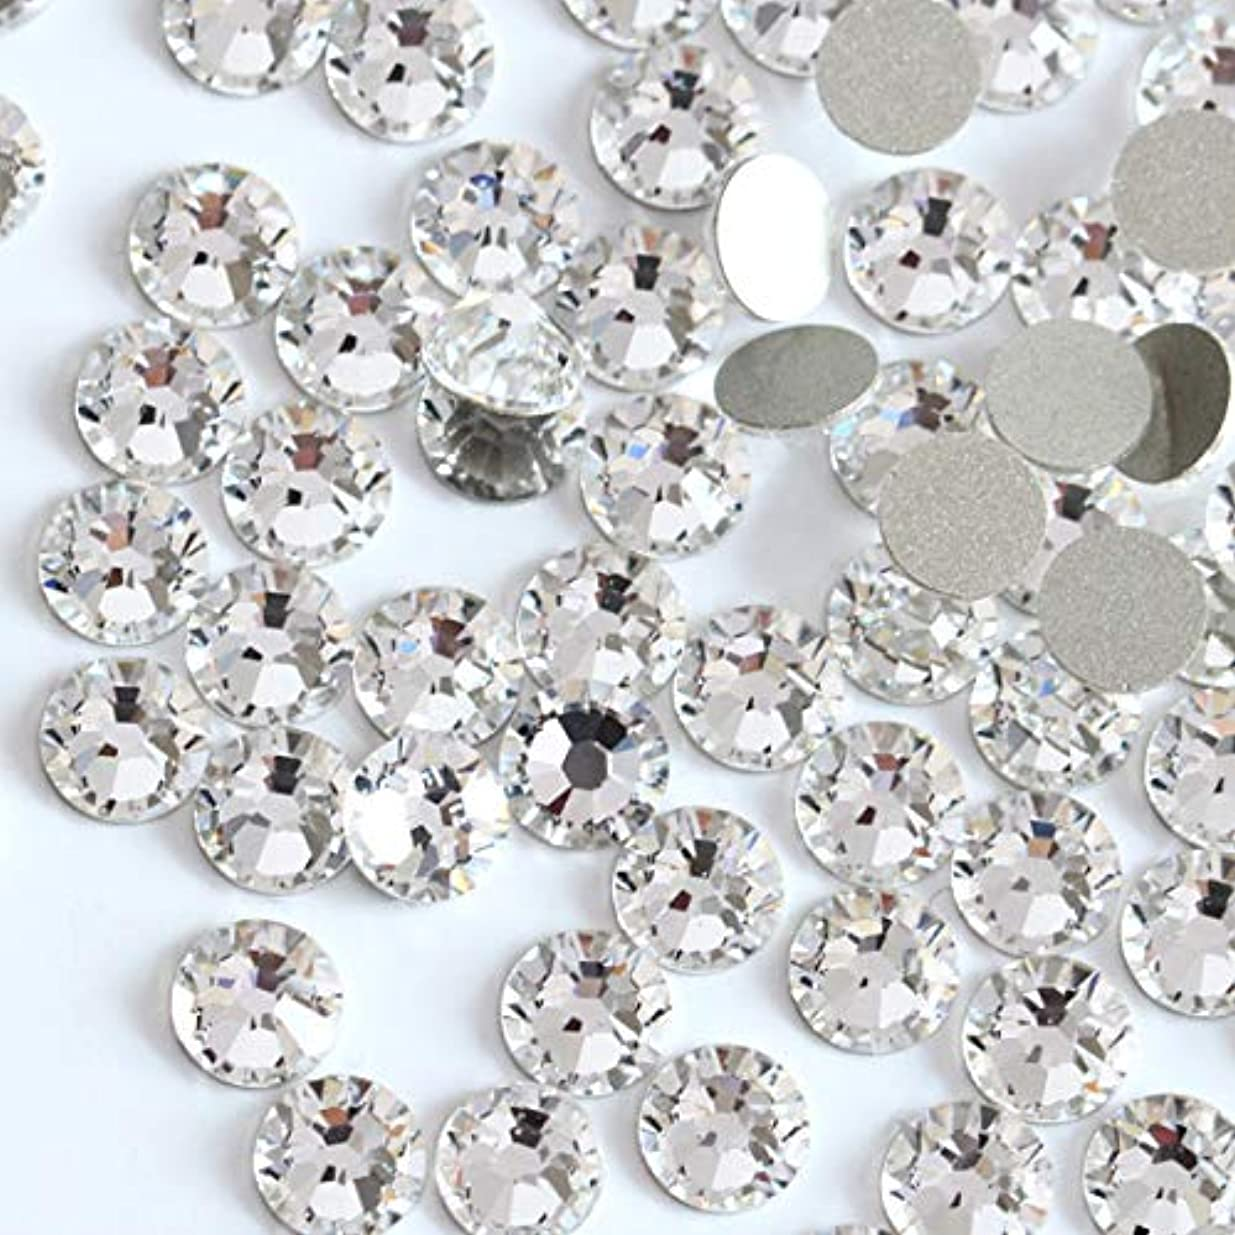 【ラインストーン77】 超高級 ガラス製ラインストーン SS4~SS40 クリスタル スワロフスキー同等(2.6mm (SS10) 約200粒)